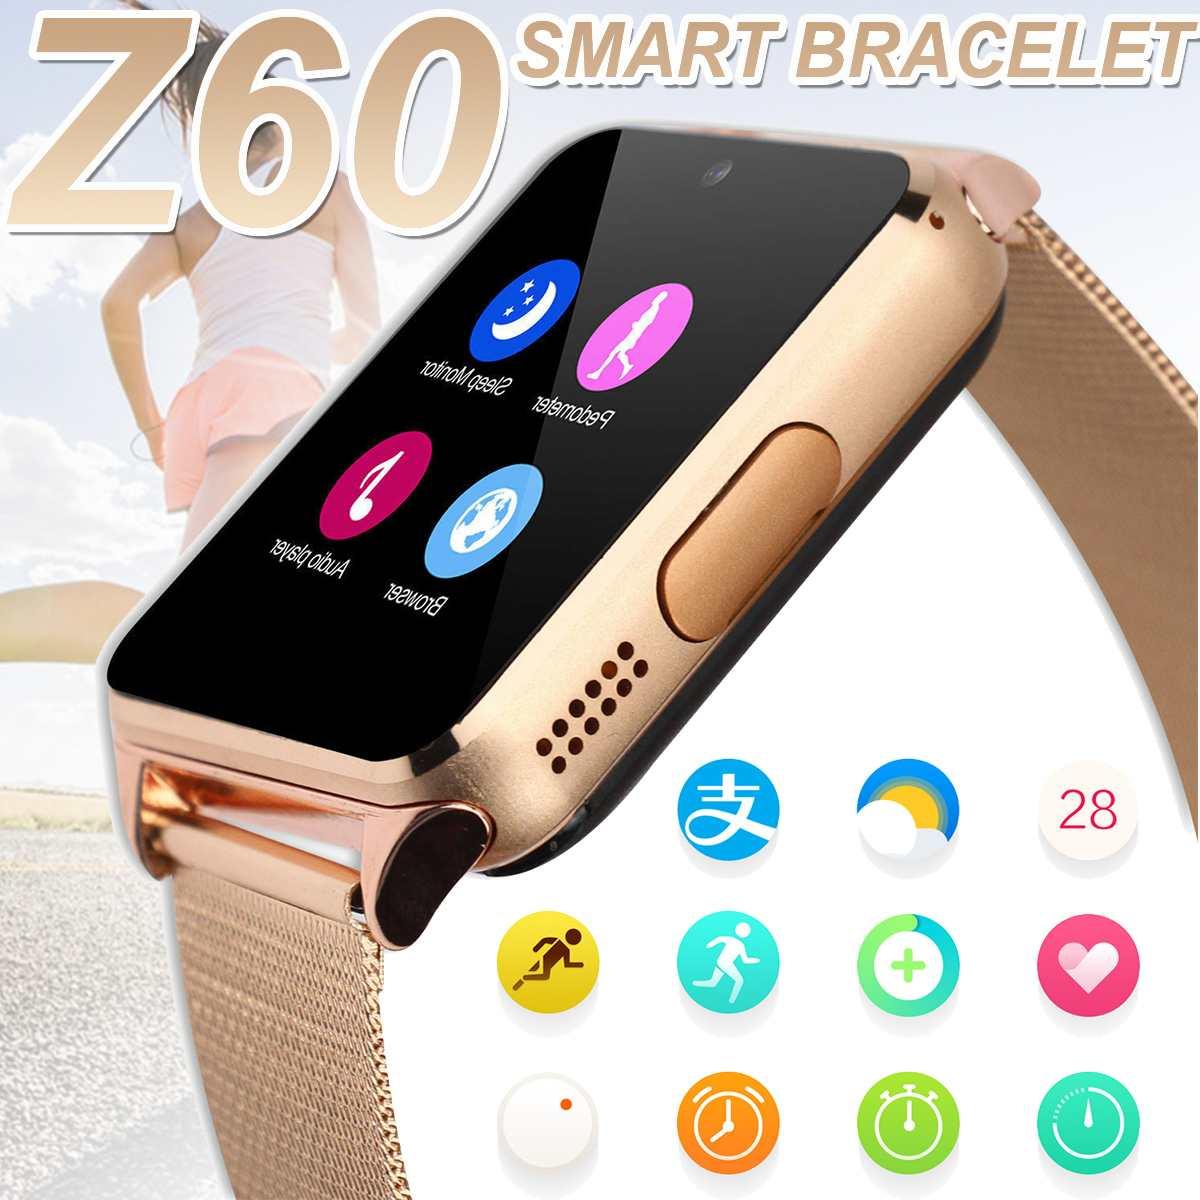 Do bluetooth Relógios Inteligentes Z60 430mA Smartwatch Wrist Strap Metal Suporte 2G SIM Cartão TF Android IOS Relógio Mensagem Push relógio do telefone